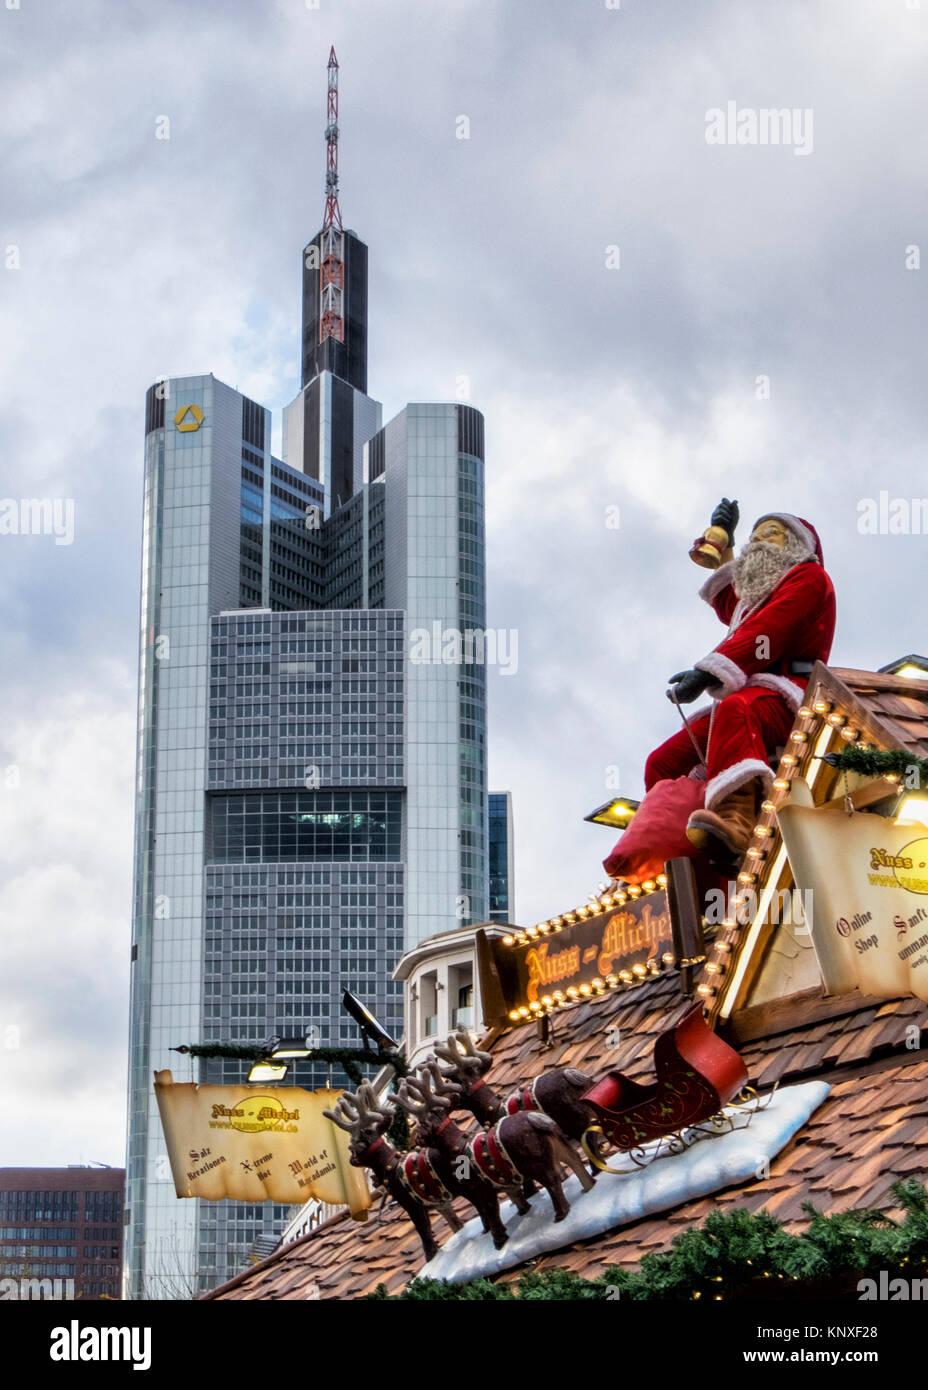 Francfort, Allemagne. Tour de la Commerzbank. La Commerz Bank Building et de décrochage du marché de Noël avec le Père Noël, les rennes et traîneau. Banque D'Images